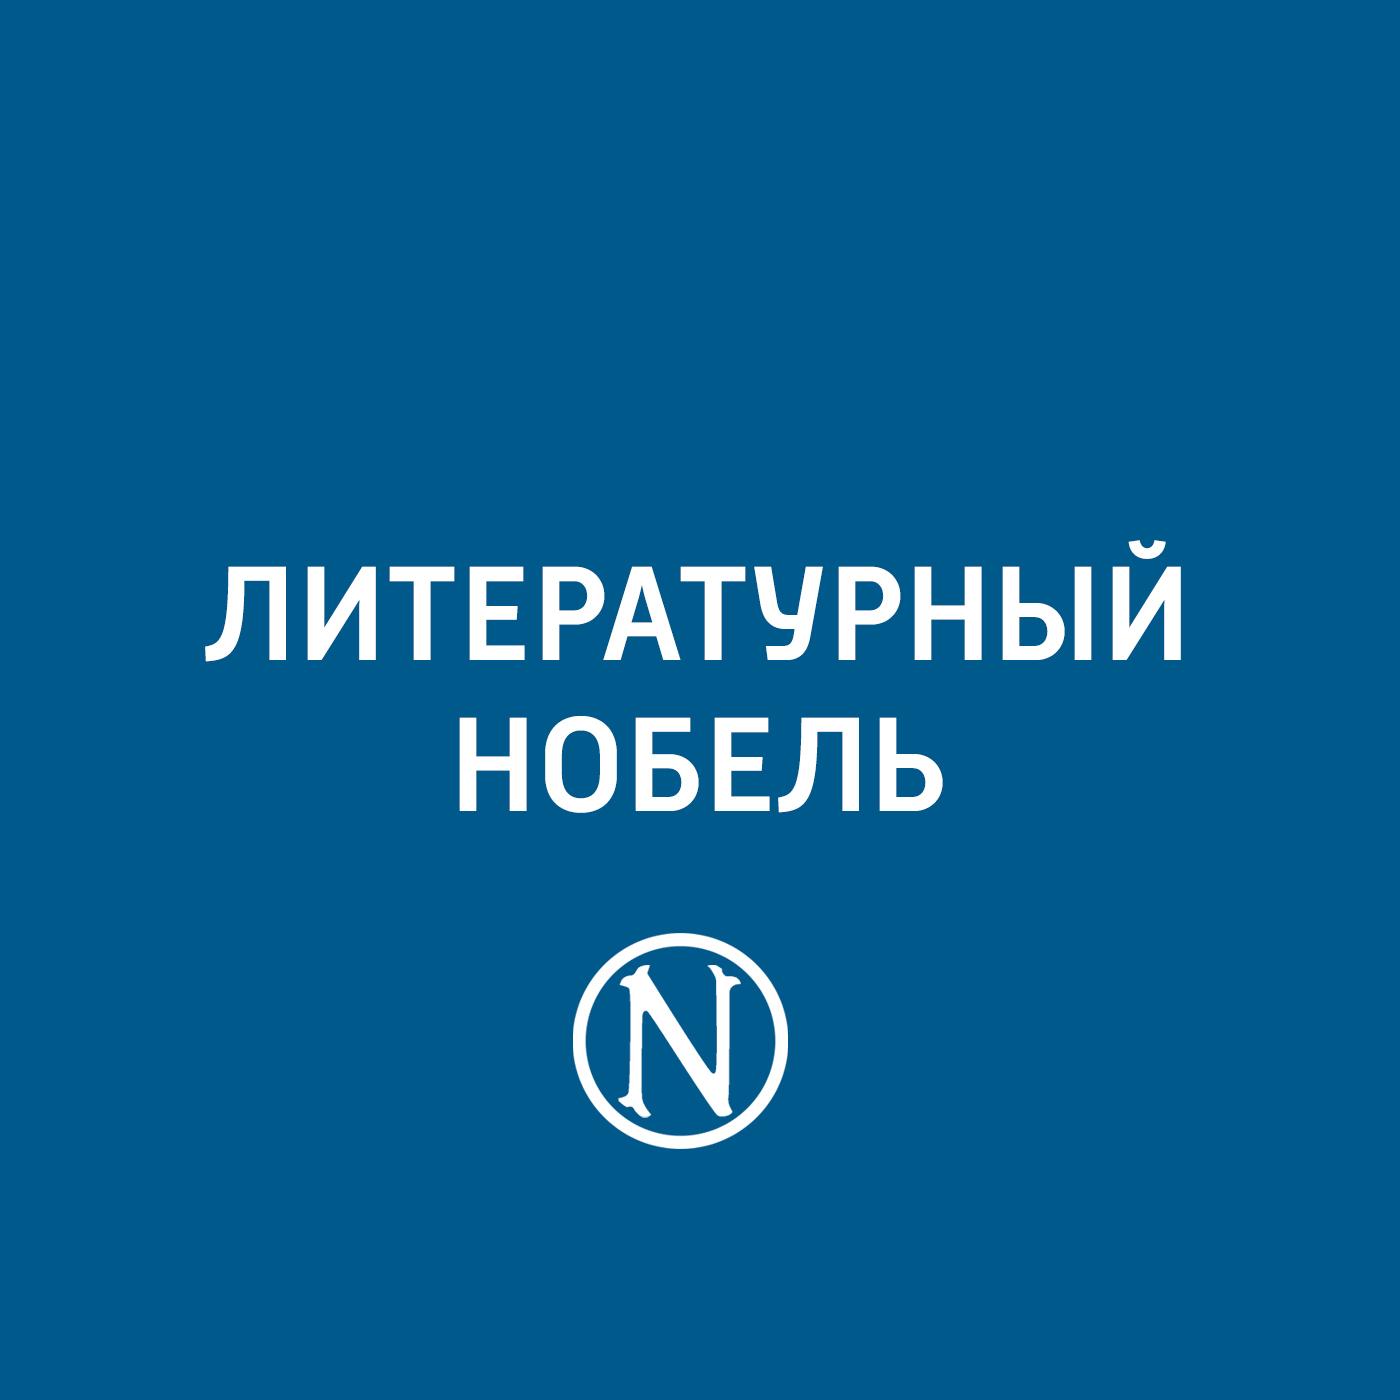 Евгений Стаховский Александр Солженицын